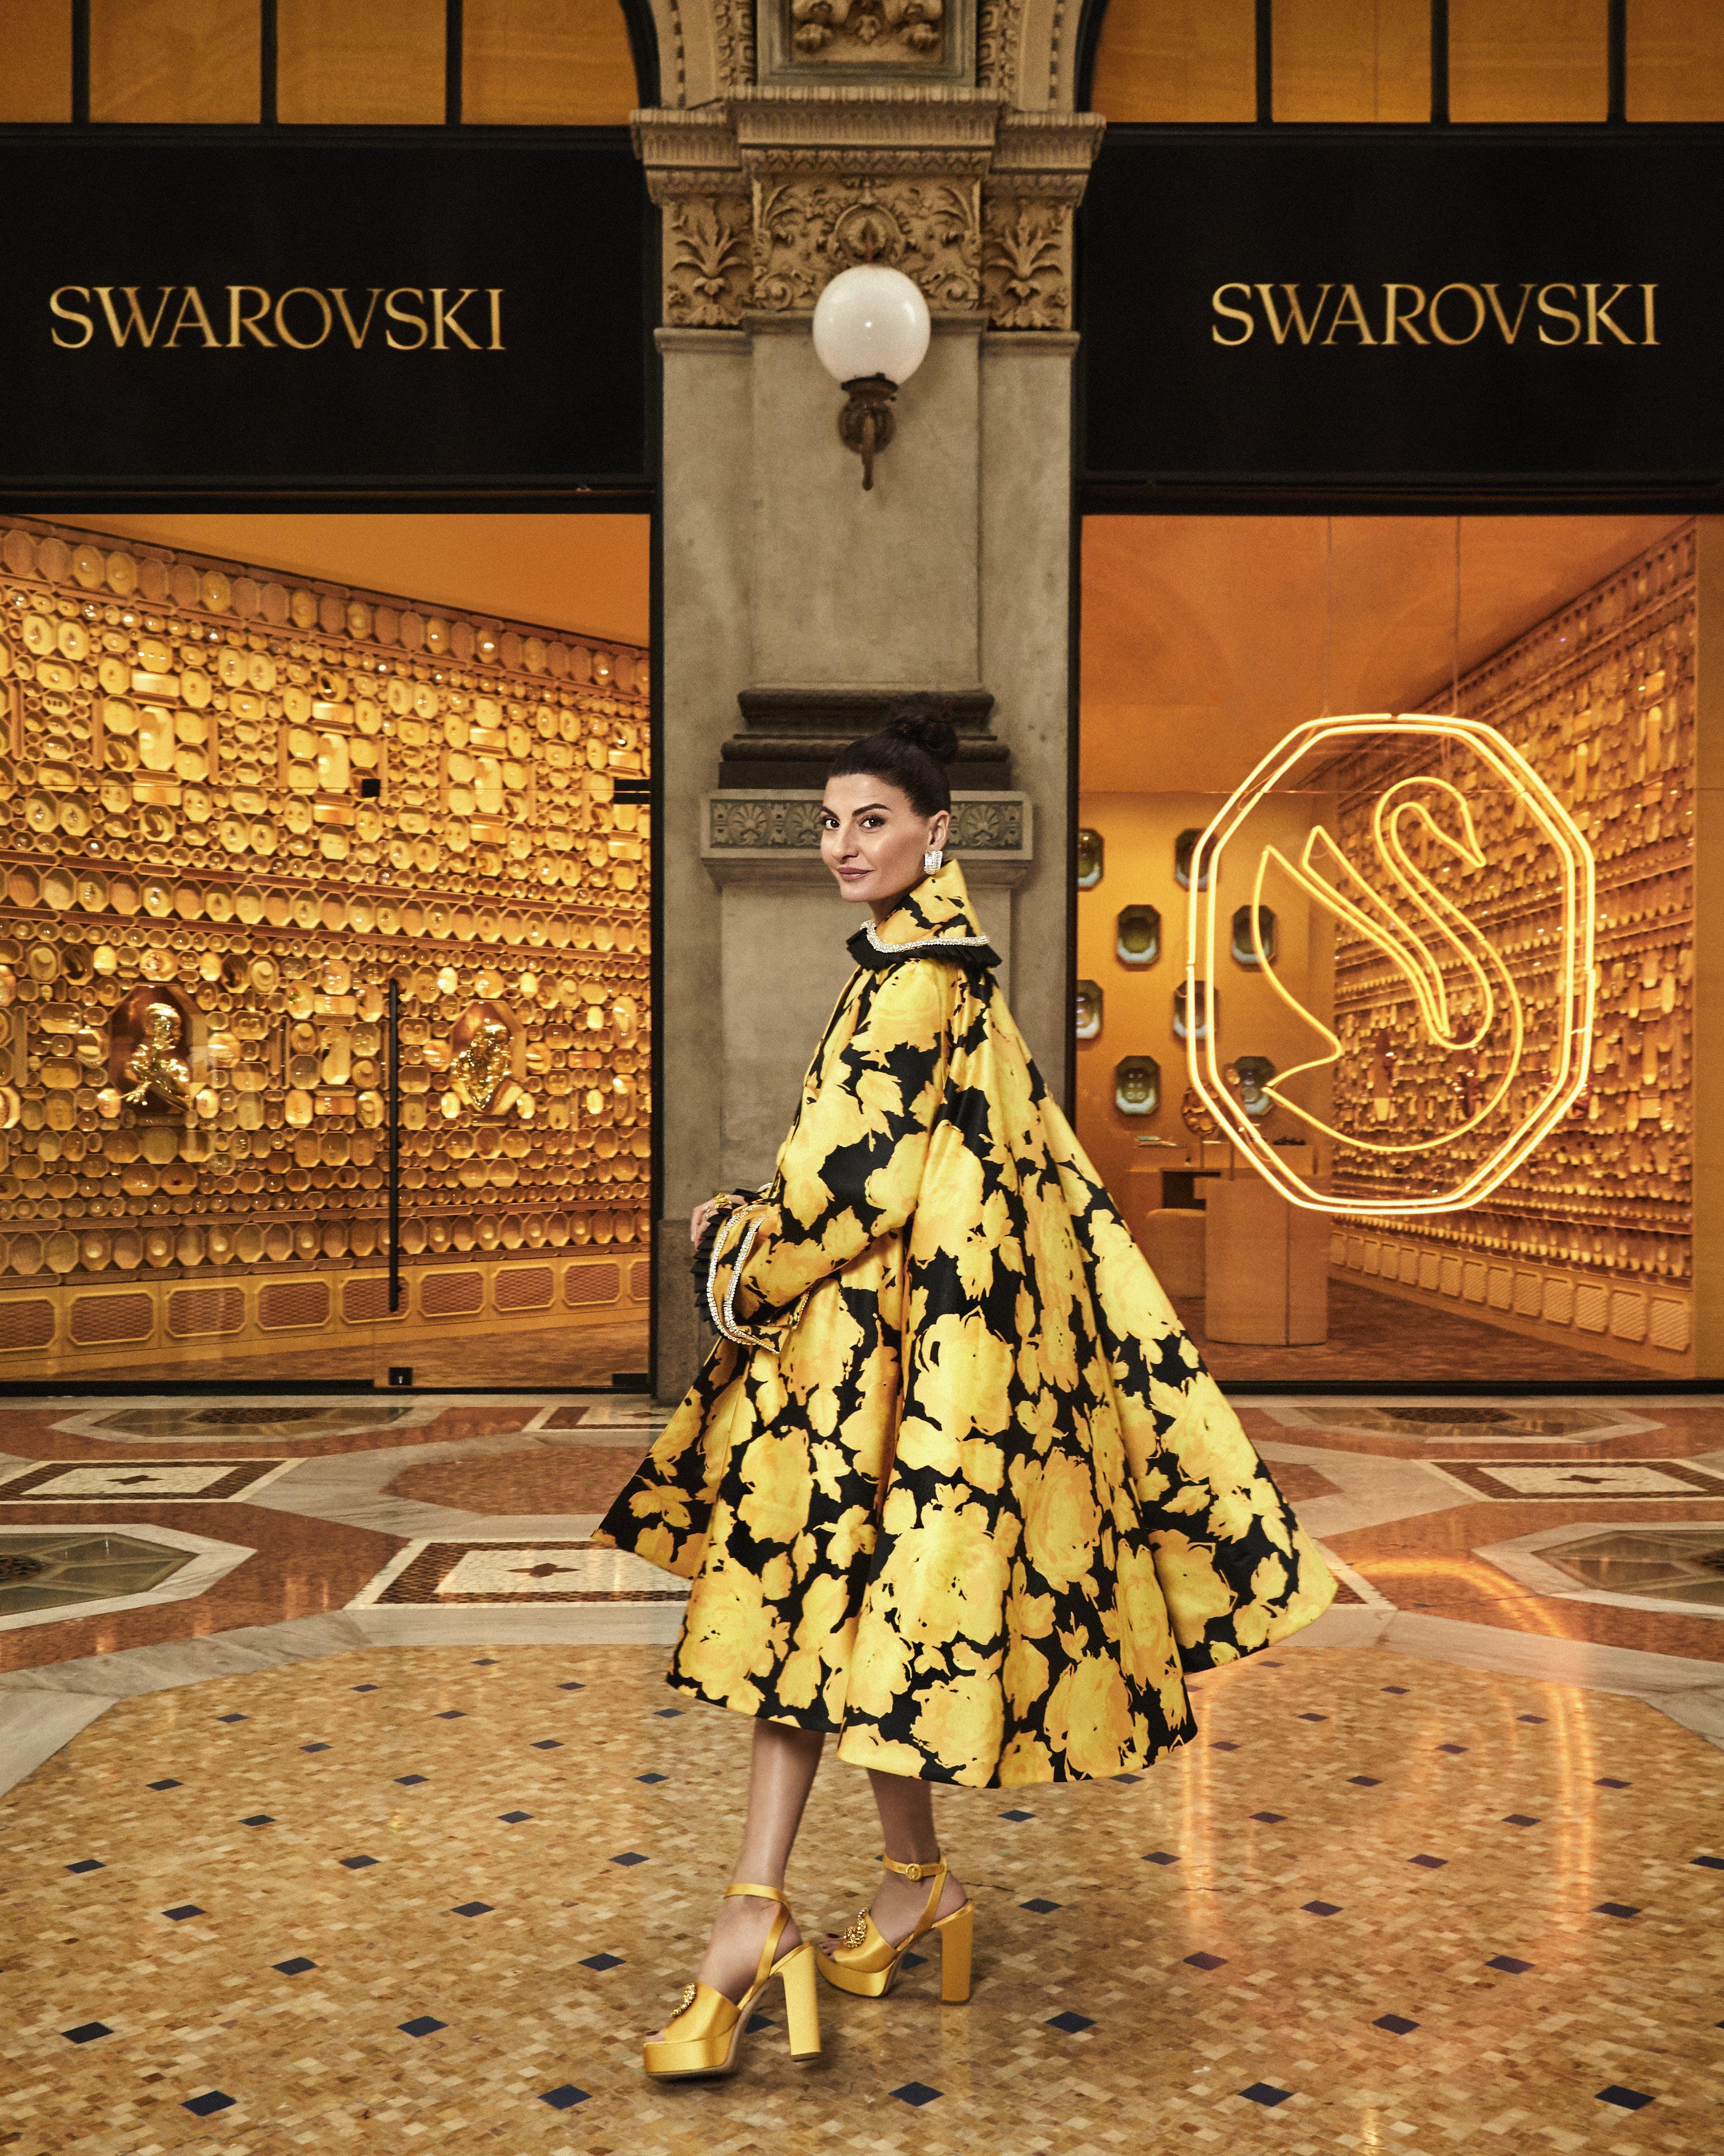 Cappotto over dalla fantasia floreale, RICHARD QUINN; gioielli, SWAROVSKI; scarpe, GIANNICO.